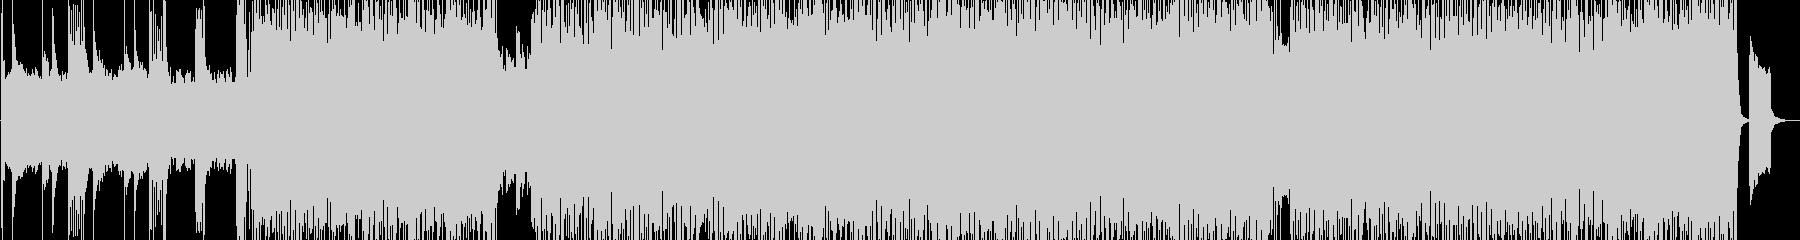 「ハード/ヘヴィ/ダーク/」BGM60の未再生の波形